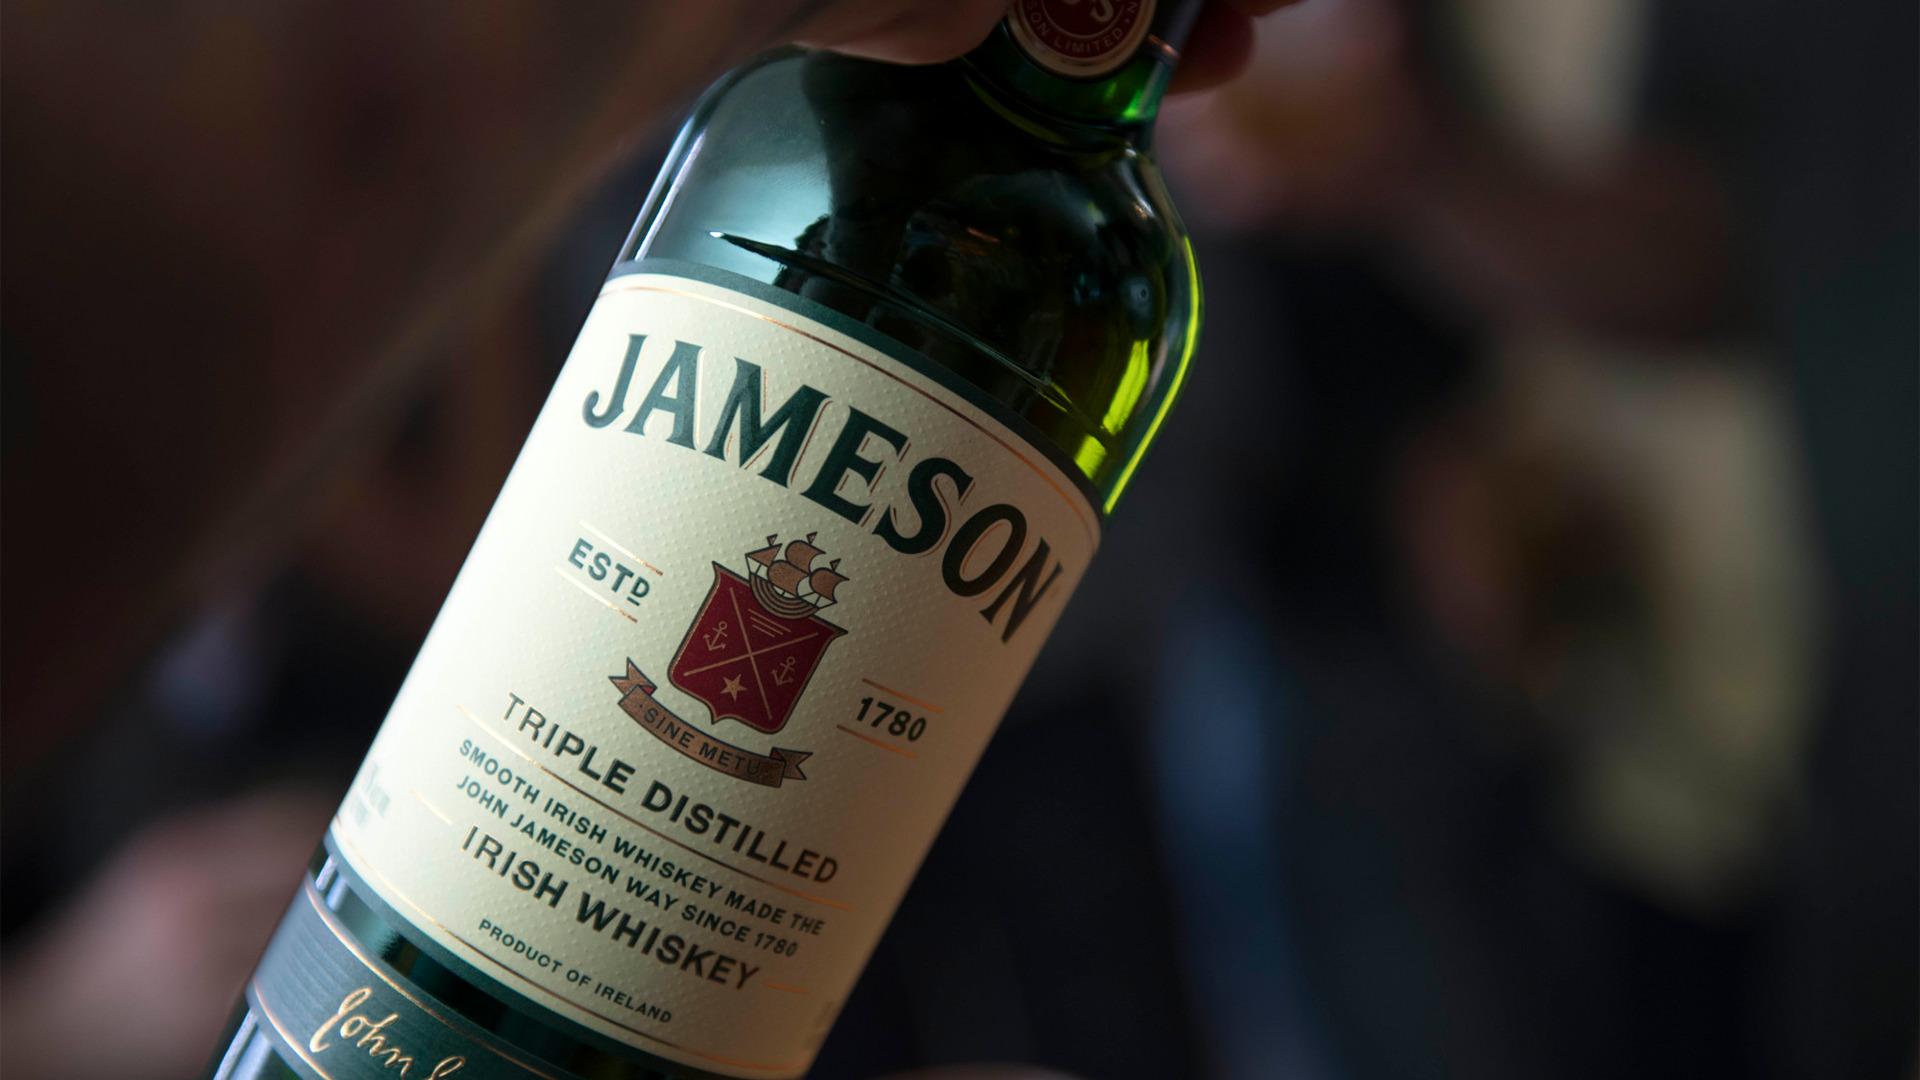 Rượu Jameson